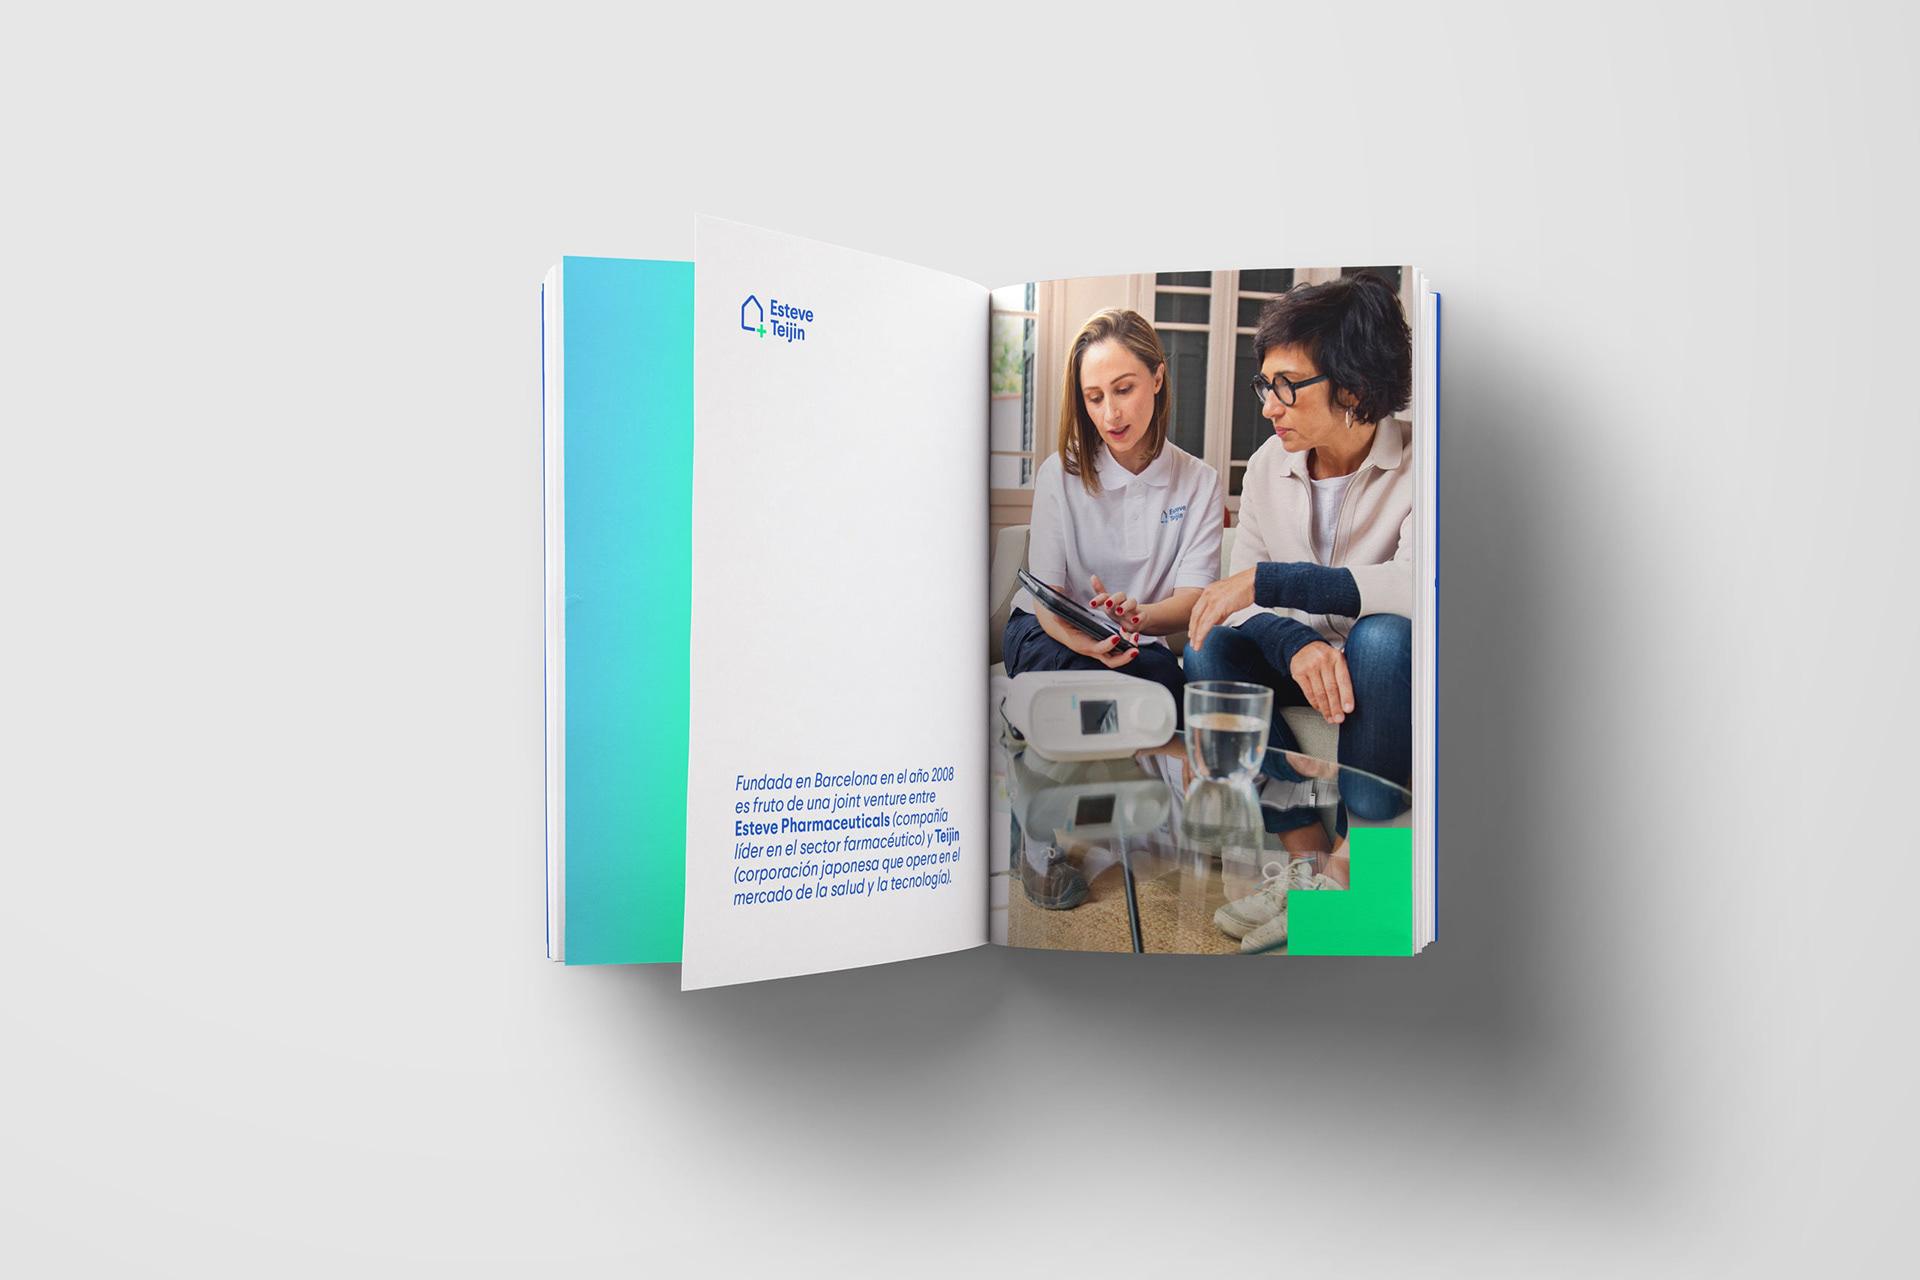 家庭健康治疗品牌Esteve Teijin的品牌VI设计欣赏-深圳VI设计9